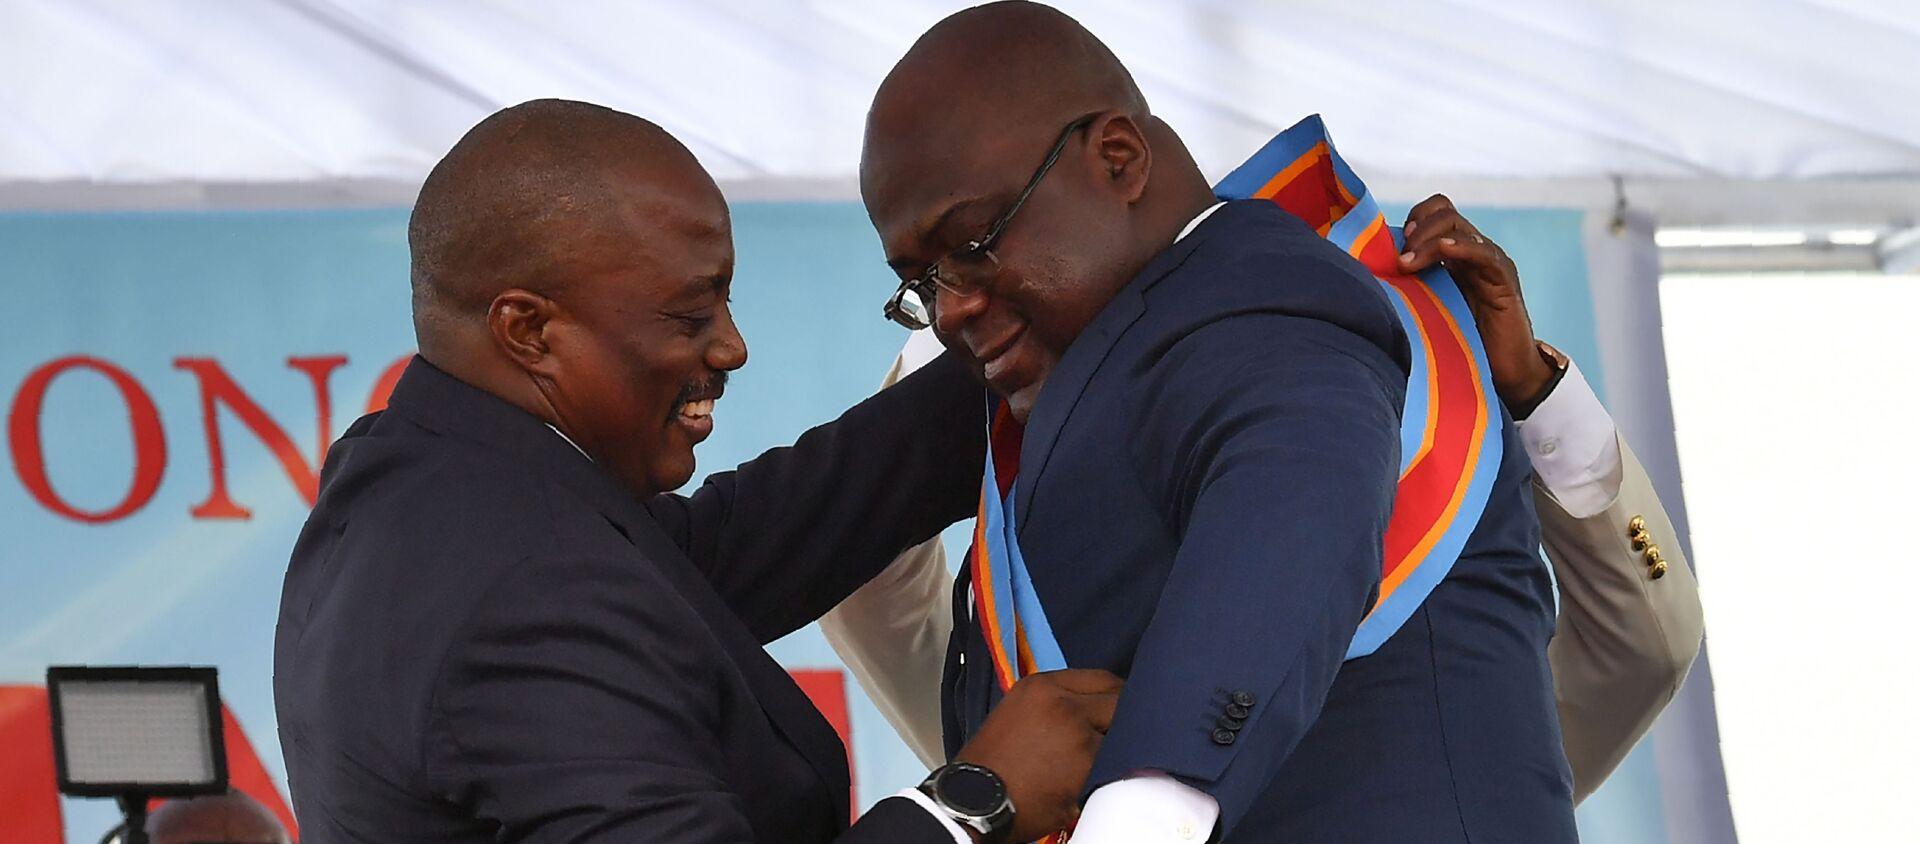 Le Président sortant de la RDC Joseh Kabila aide le nouveau Président Felix Tshisekedi à ceindre l'écharpe. - Sputnik France, 1920, 11.08.2020